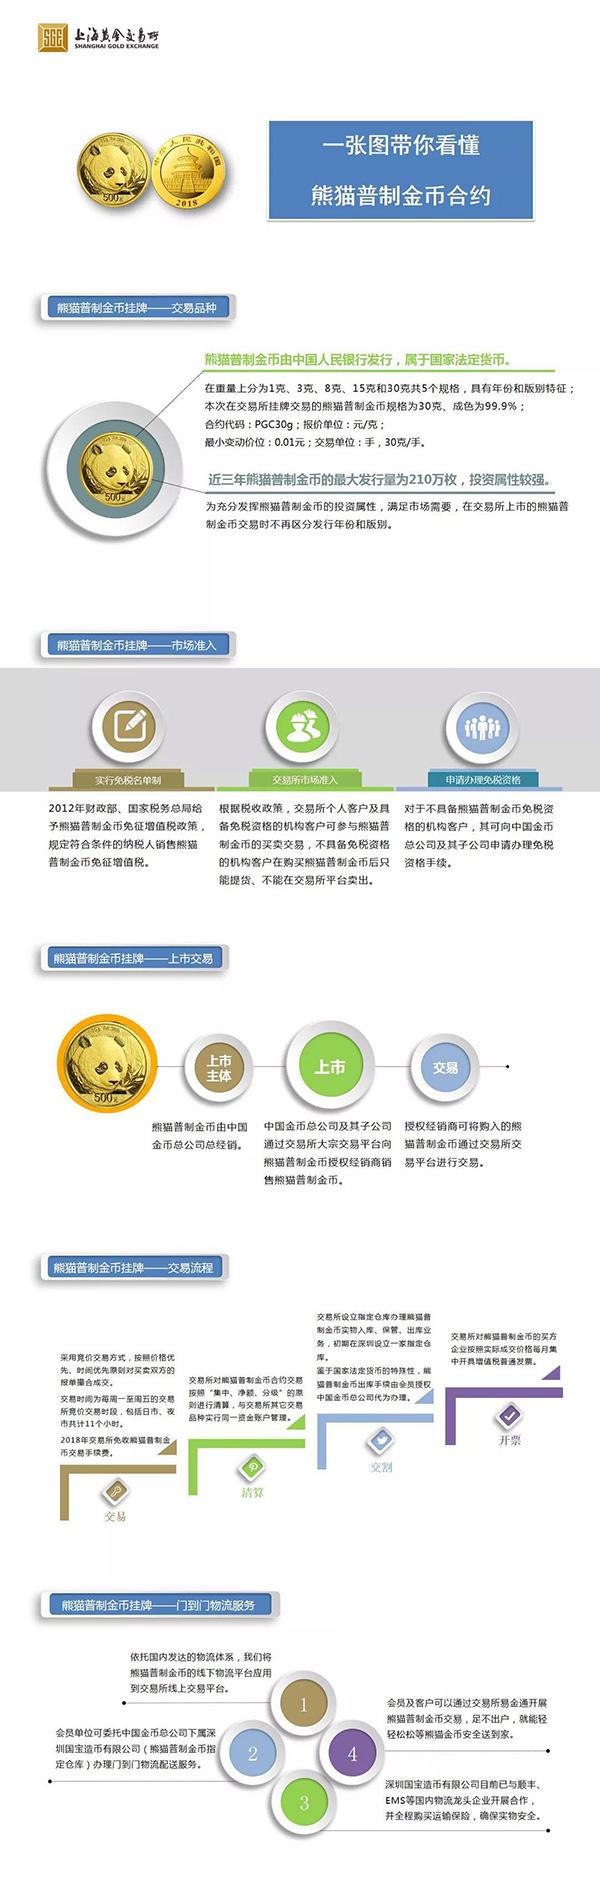 熊猫金币在上海黄金交易所正式挂牌,属全球五_钯金价格走势图